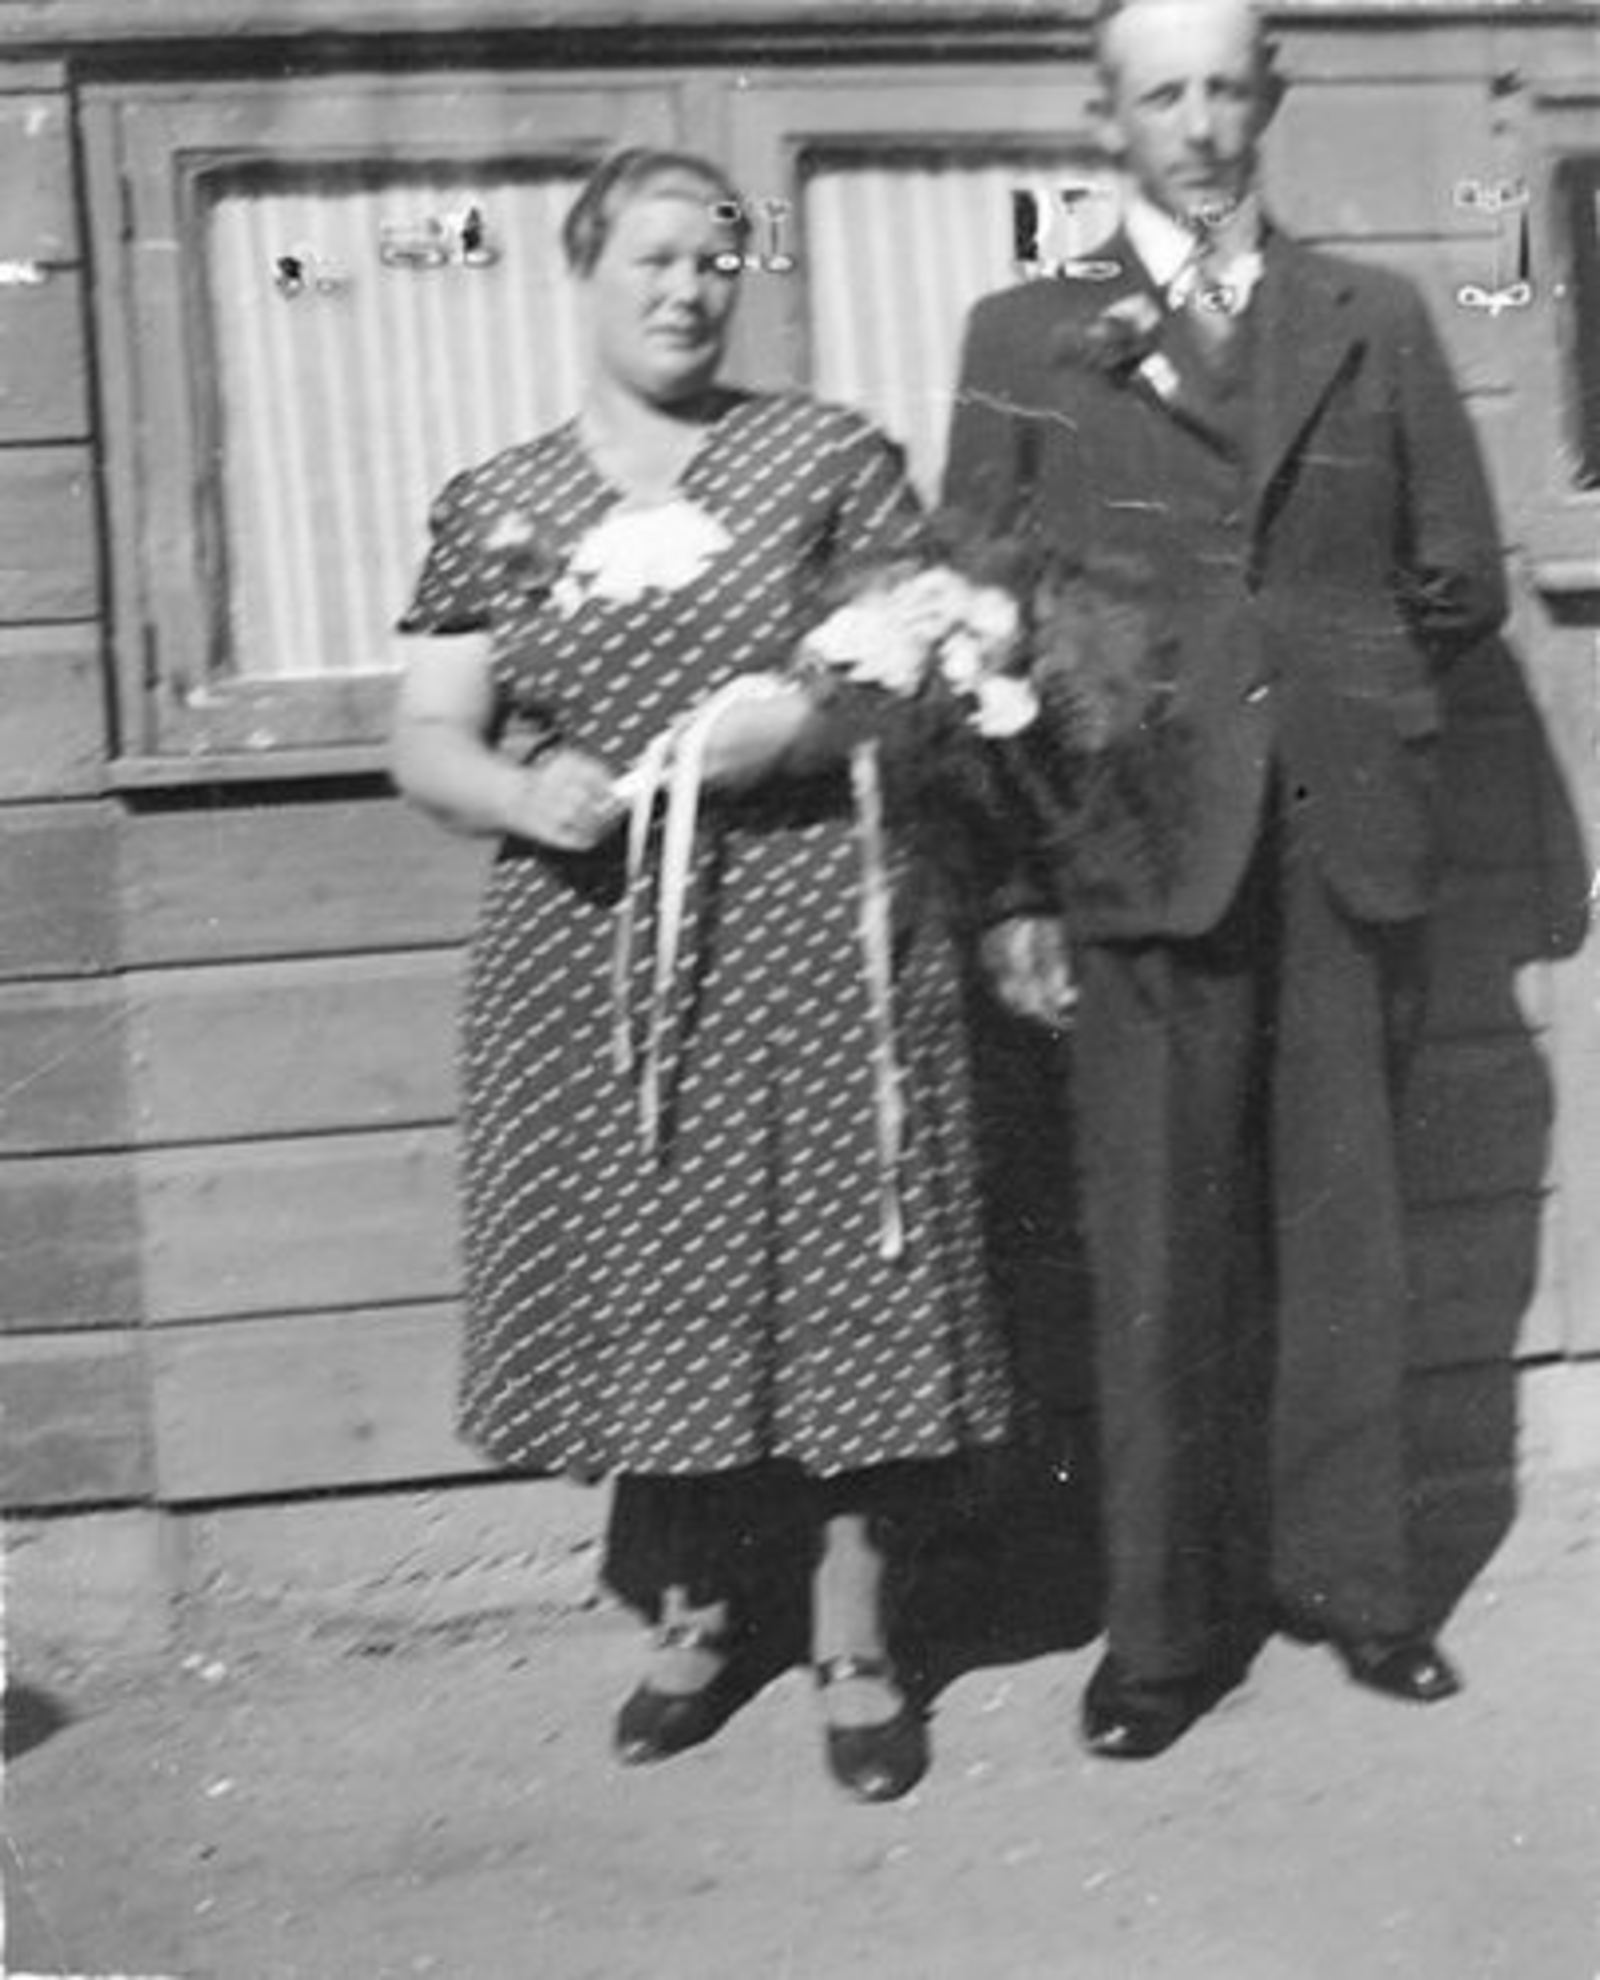 Moren - Bliek Hendrika 1908 19__ met man Jan vd Moren